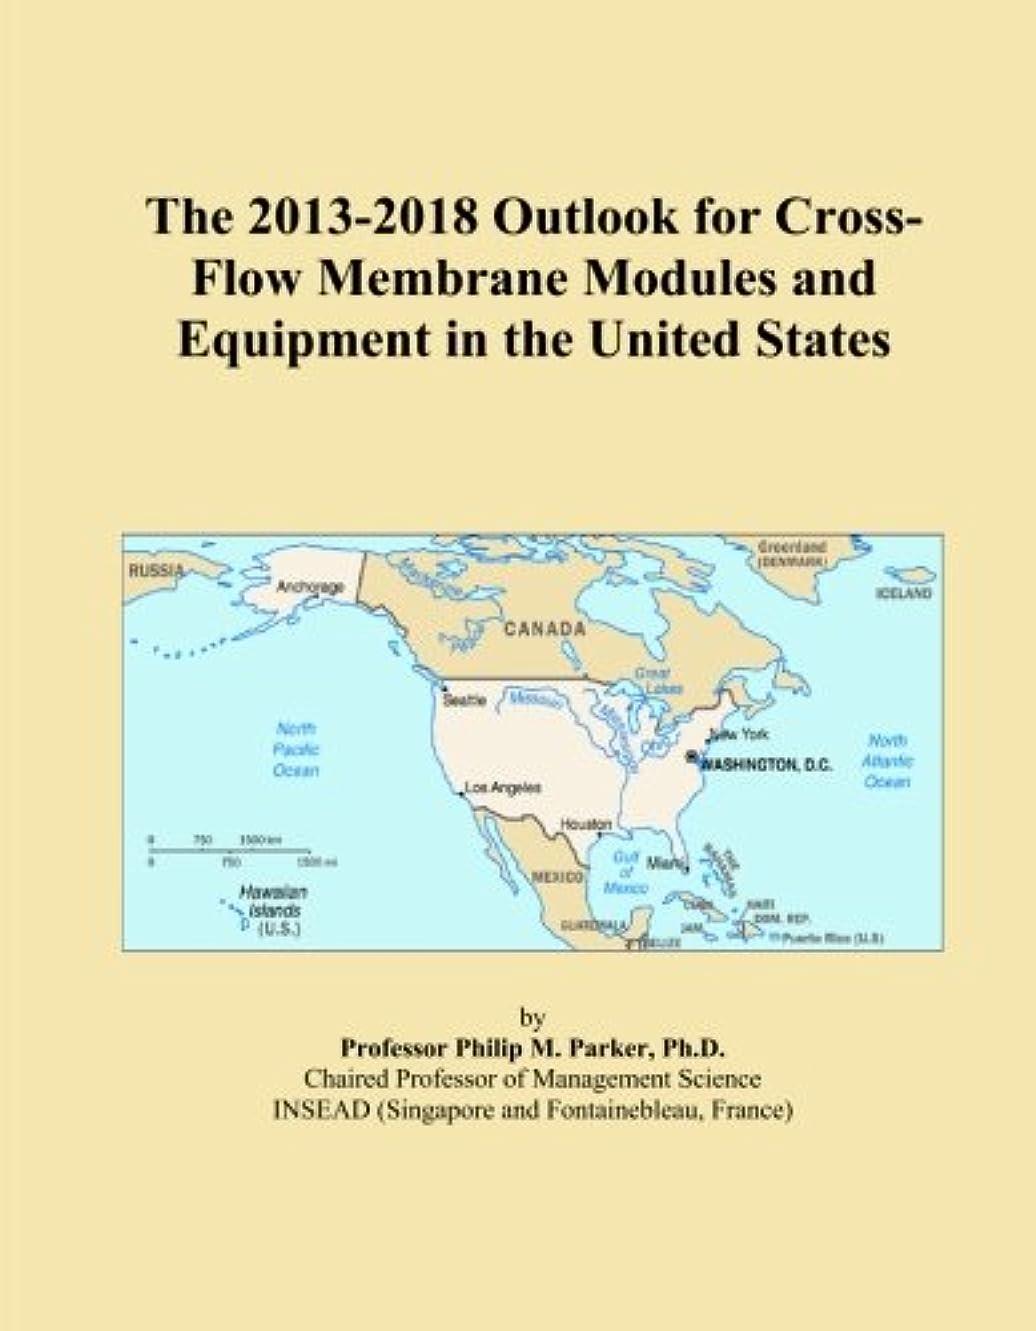 天井差別化するシーサイドThe 2013-2018 Outlook for Cross-Flow Membrane Modules and Equipment in the United States